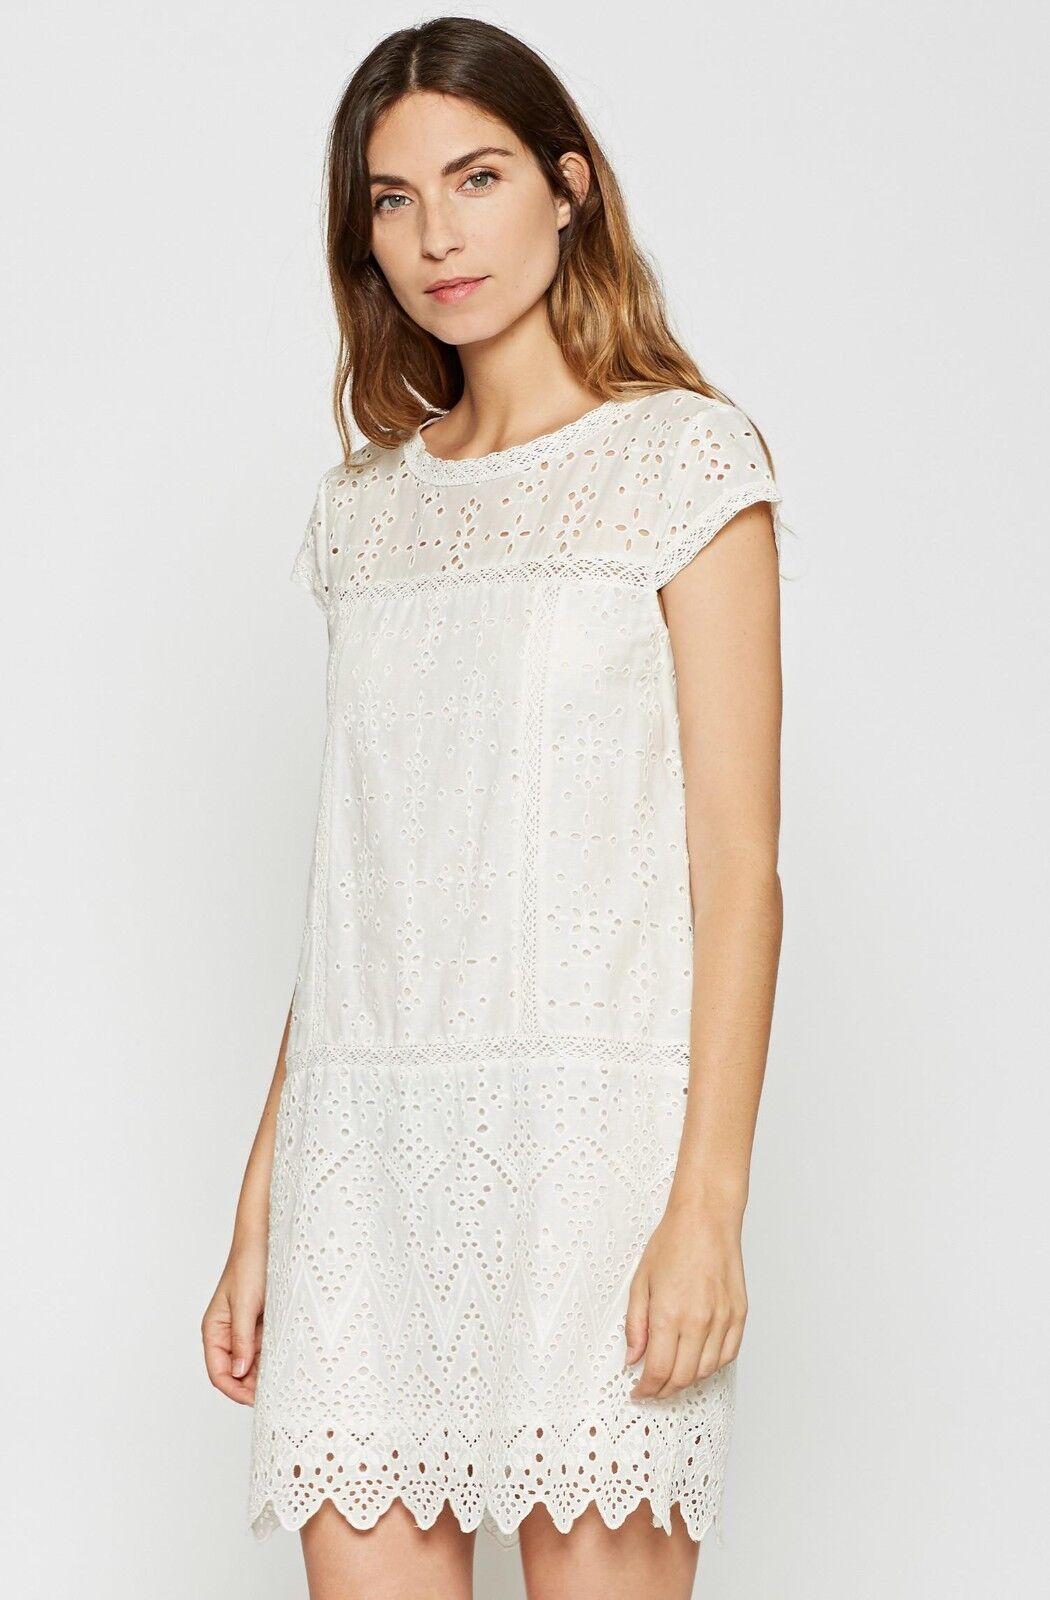 JOIE Delayna Eyelet Cotton Mini Dress Porcelain XS  Nwt